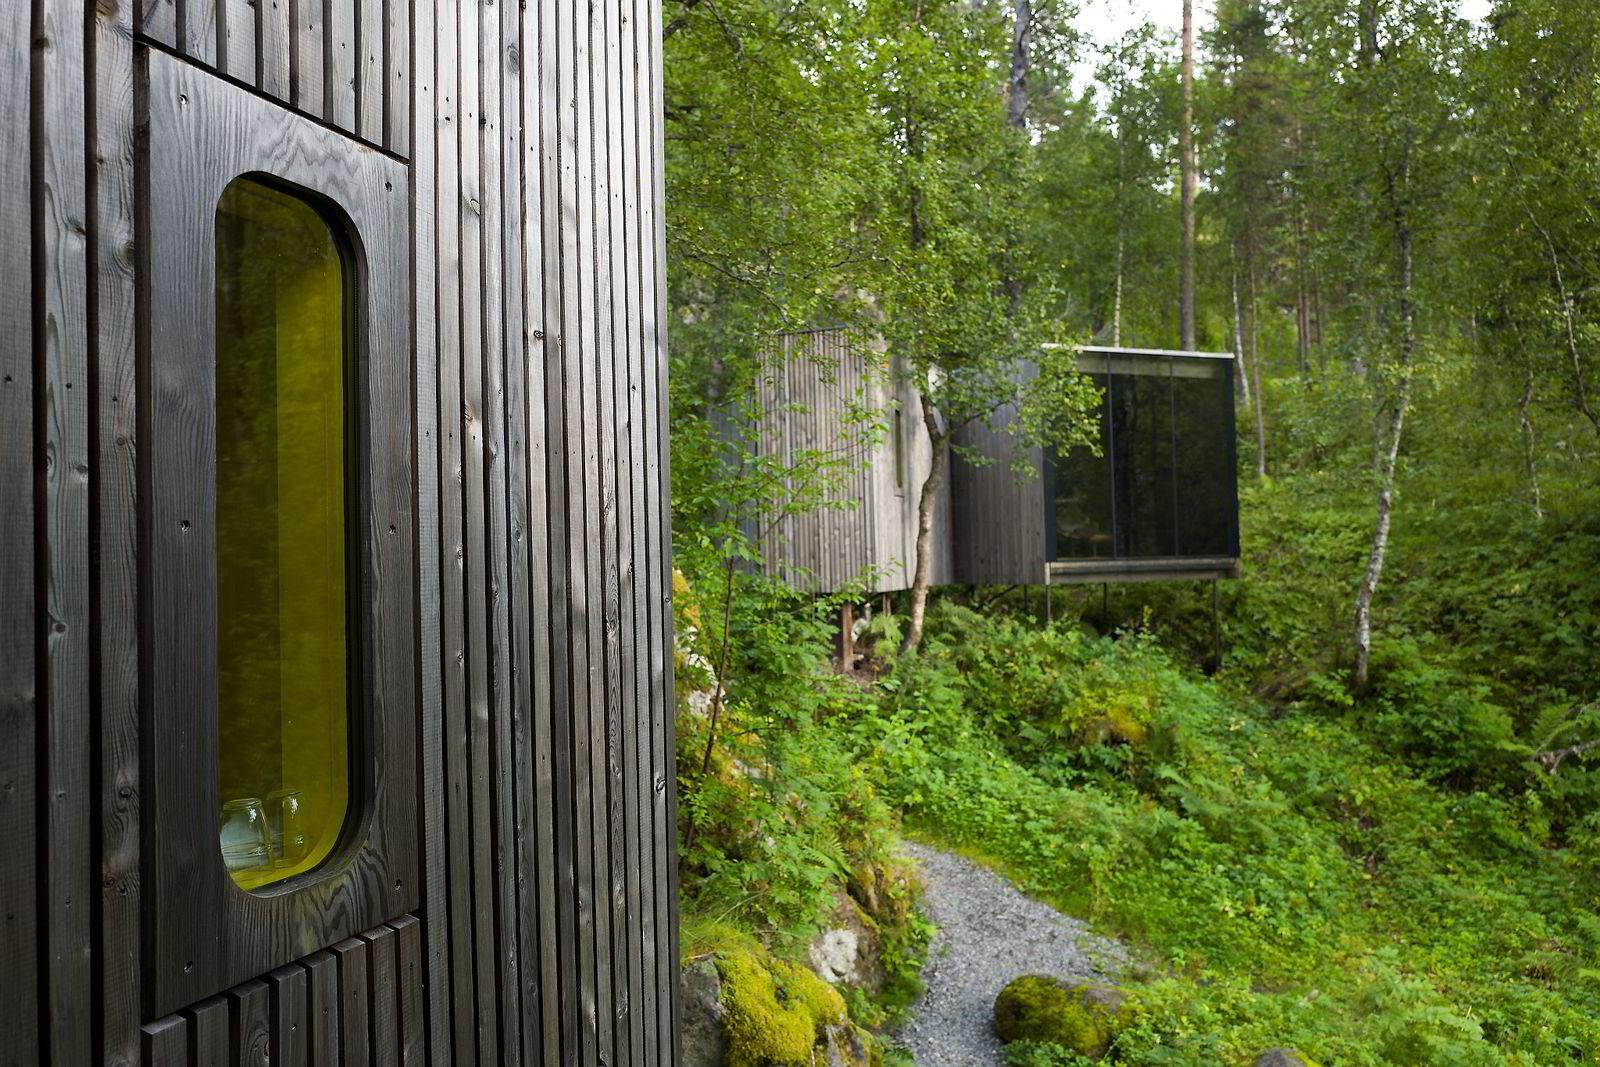 Juvet landskapshotell. Landskapsrom med utsikt rett ut i naturen.